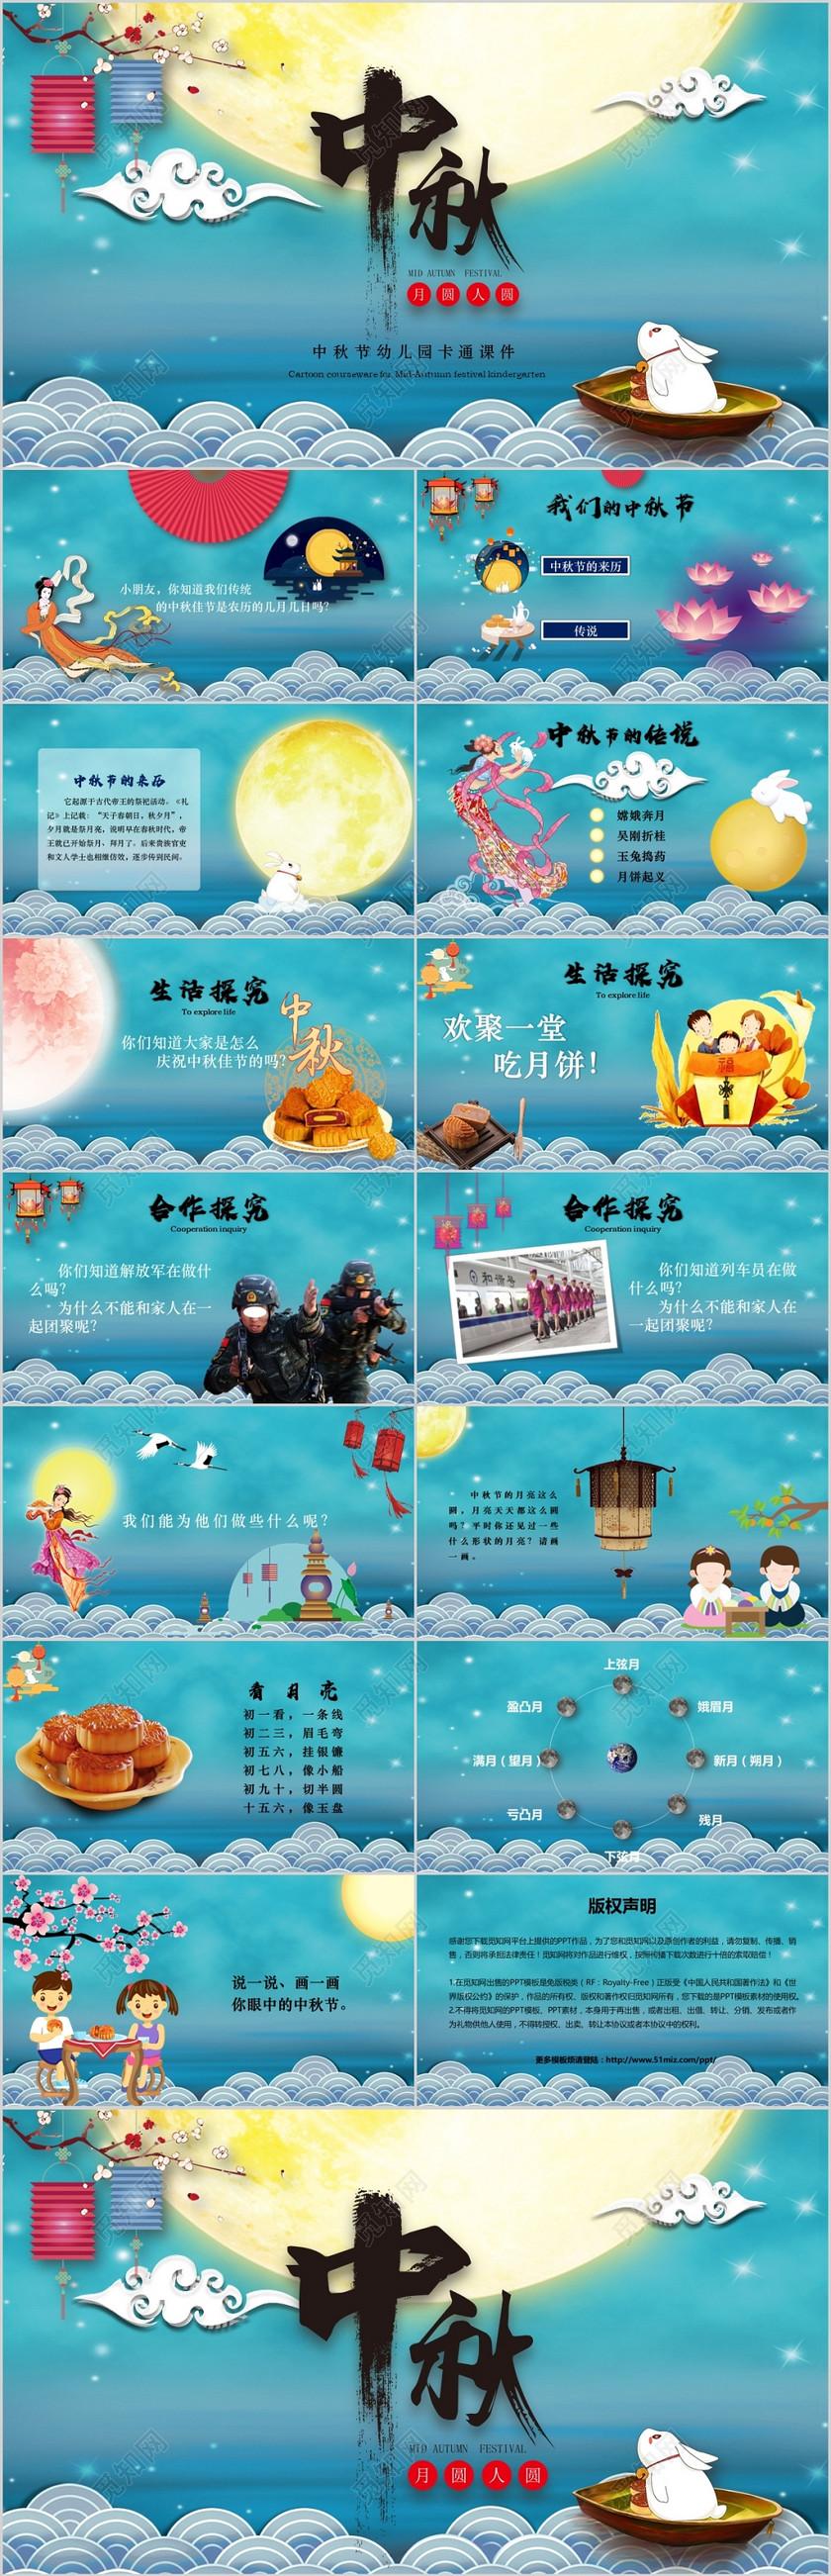 卡通风幼儿园小学生中秋节课件ppt模板